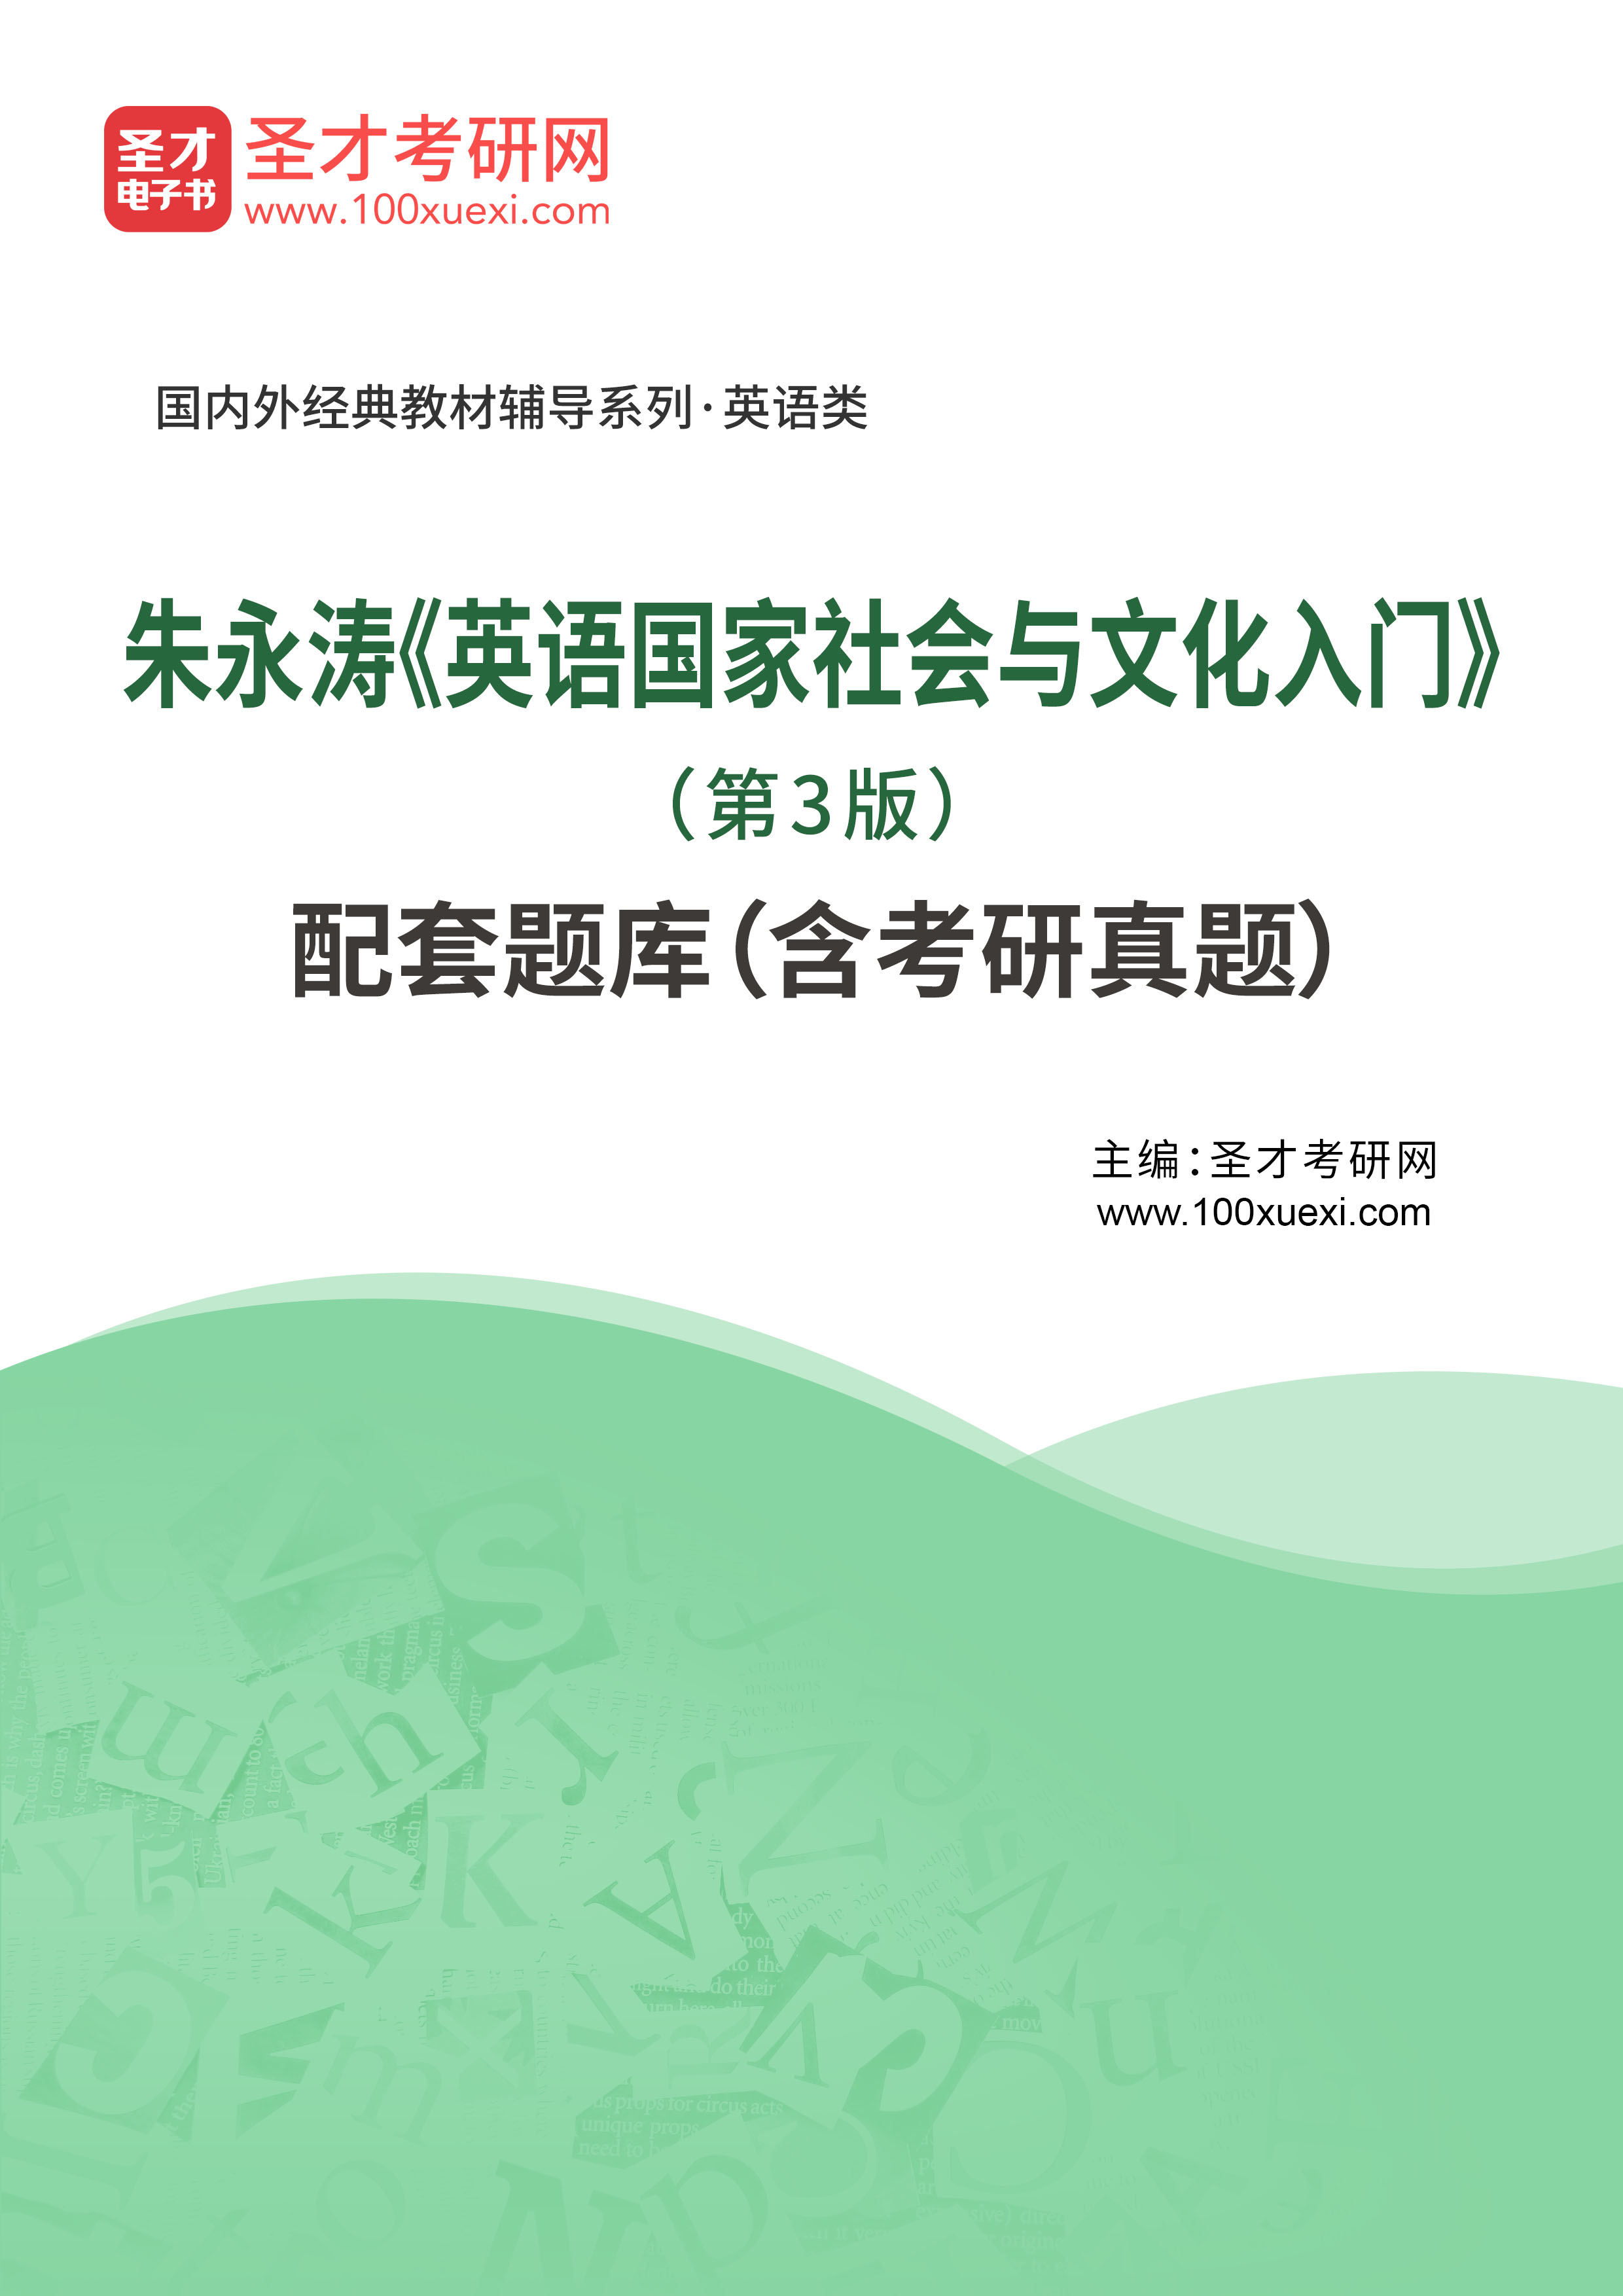 朱永涛《英语国家社会与文化入门》(第3版)配套题库(含考研真题)